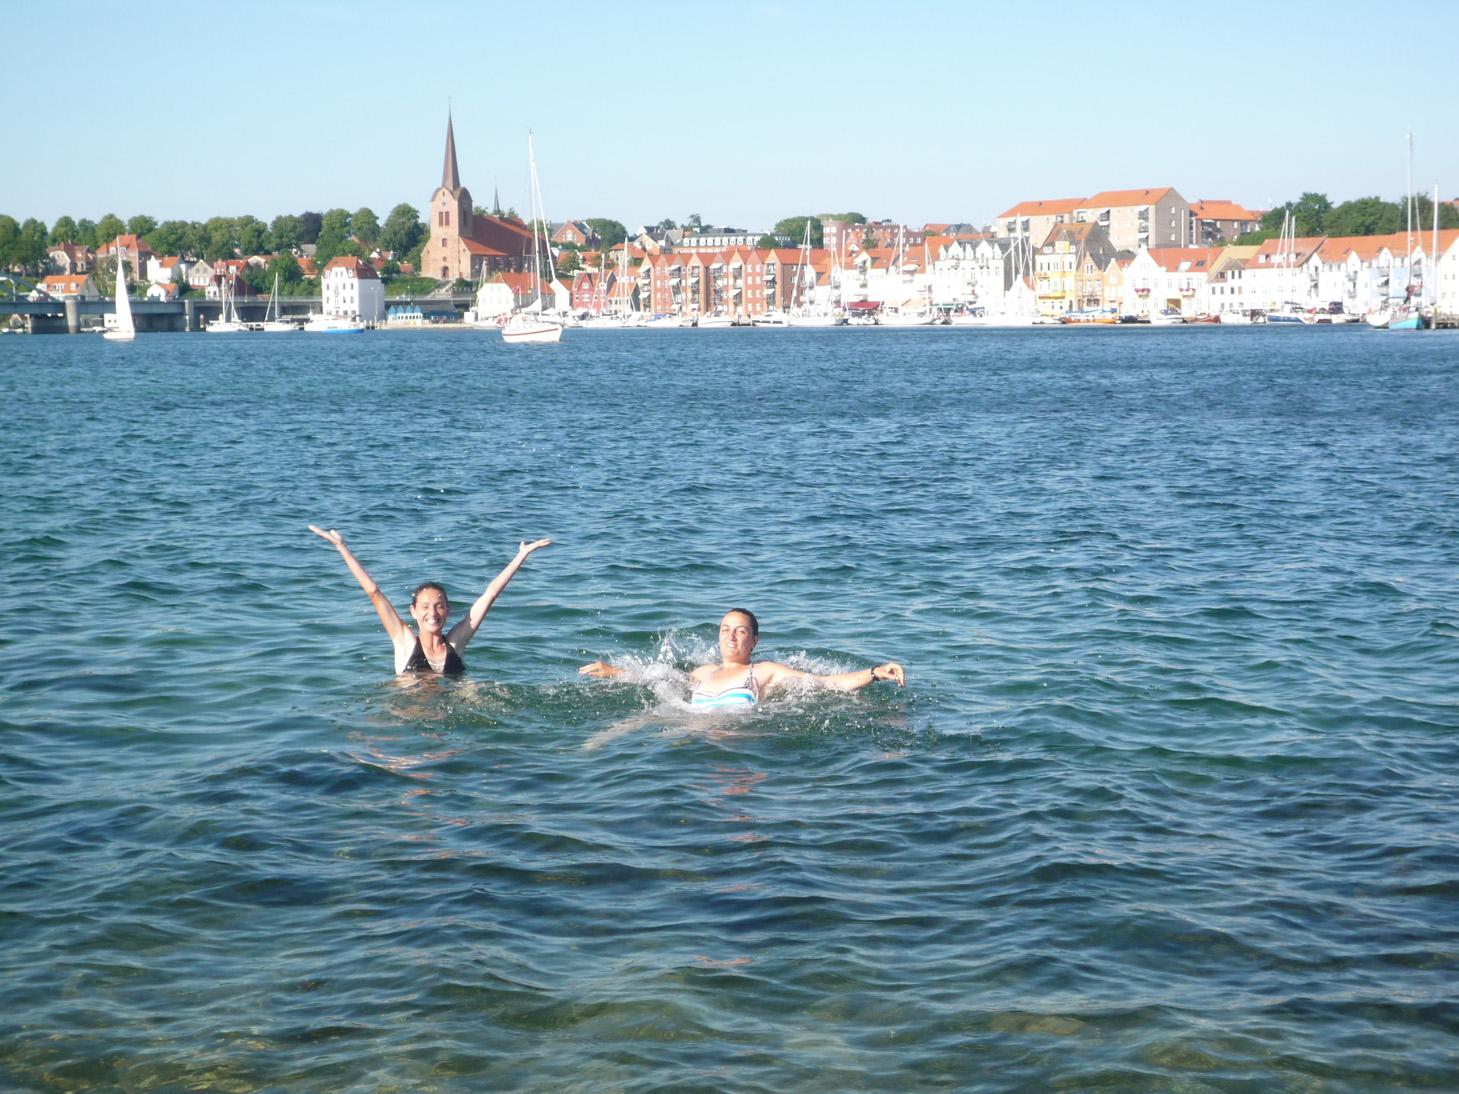 Si tu veux, on peut aller au Danemark!